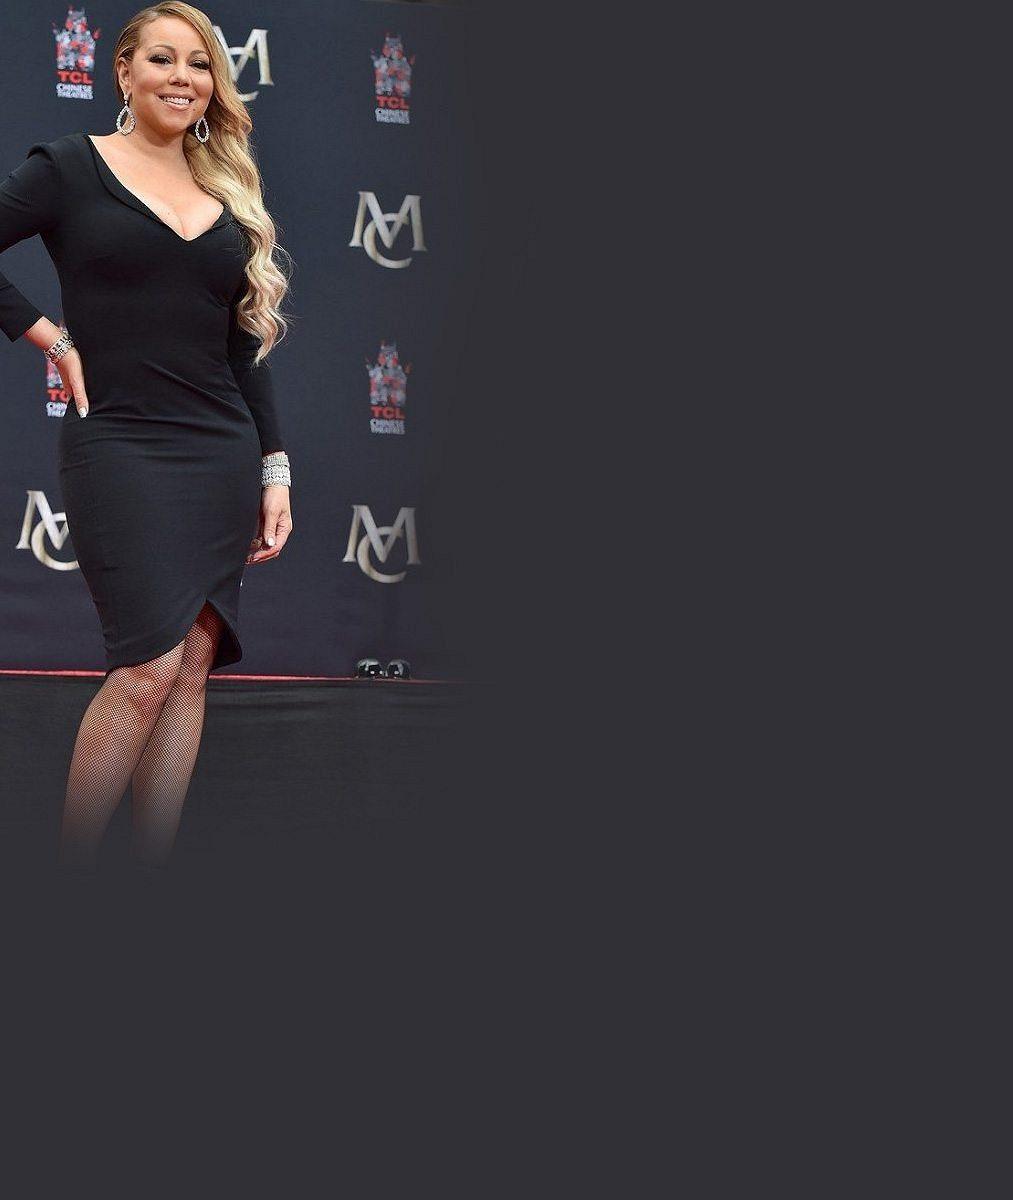 Přebytečná kila už jí překážela při tanci: Macaté Mariah Carey má s hubnutím pomoci zmenšení žaludku